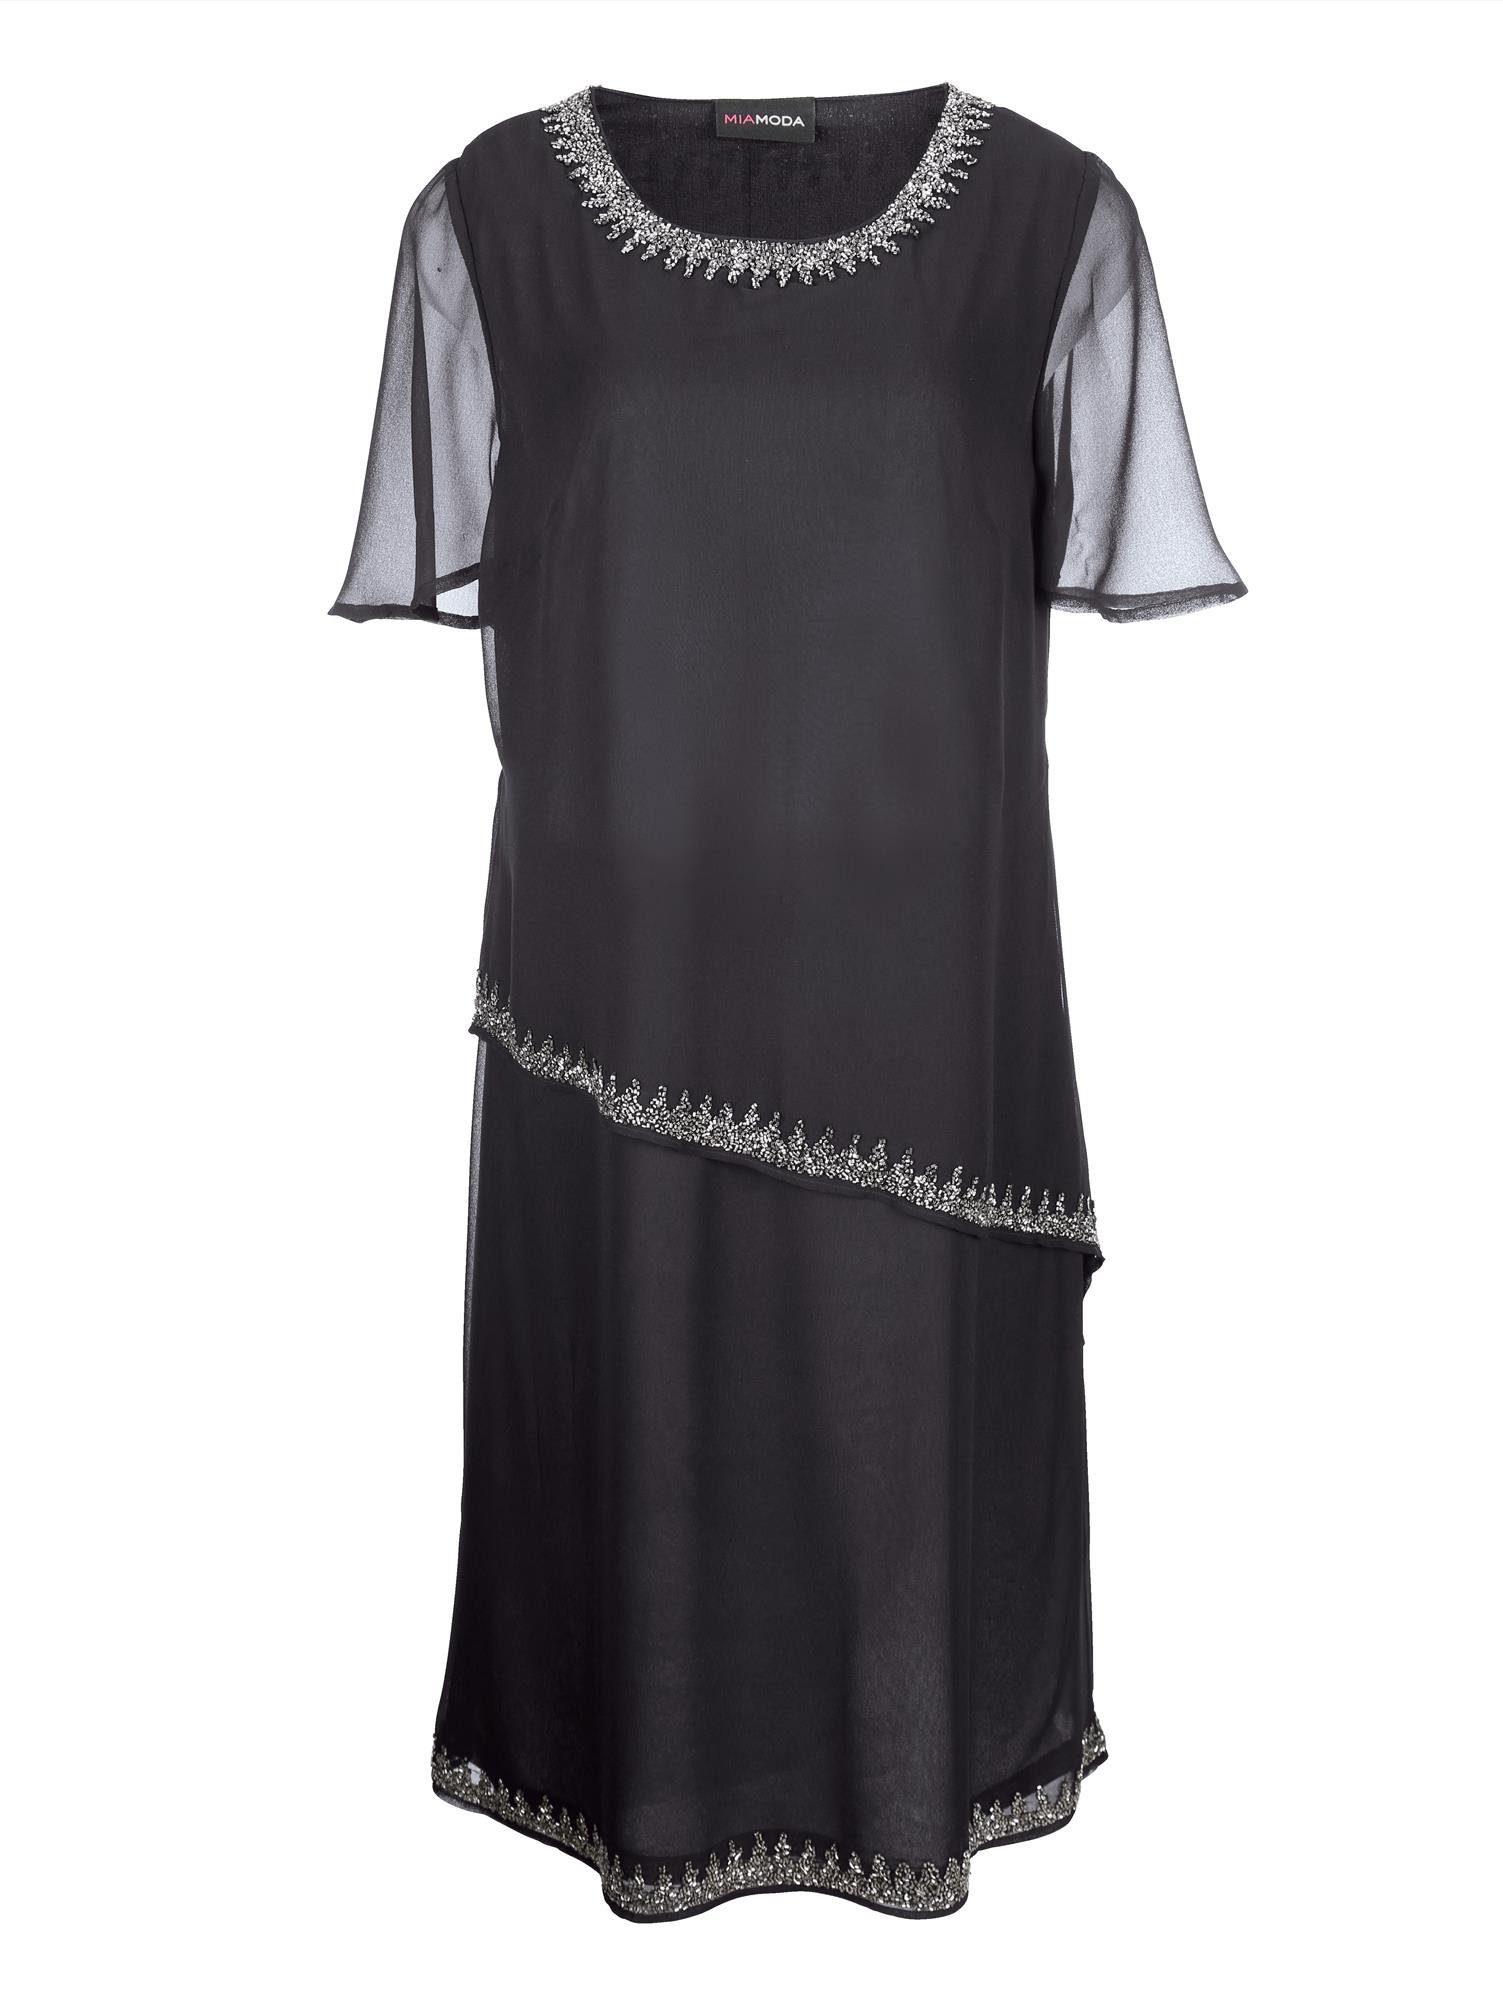 MIAMODA Kleid mit aufwendiger Perlenstickerei